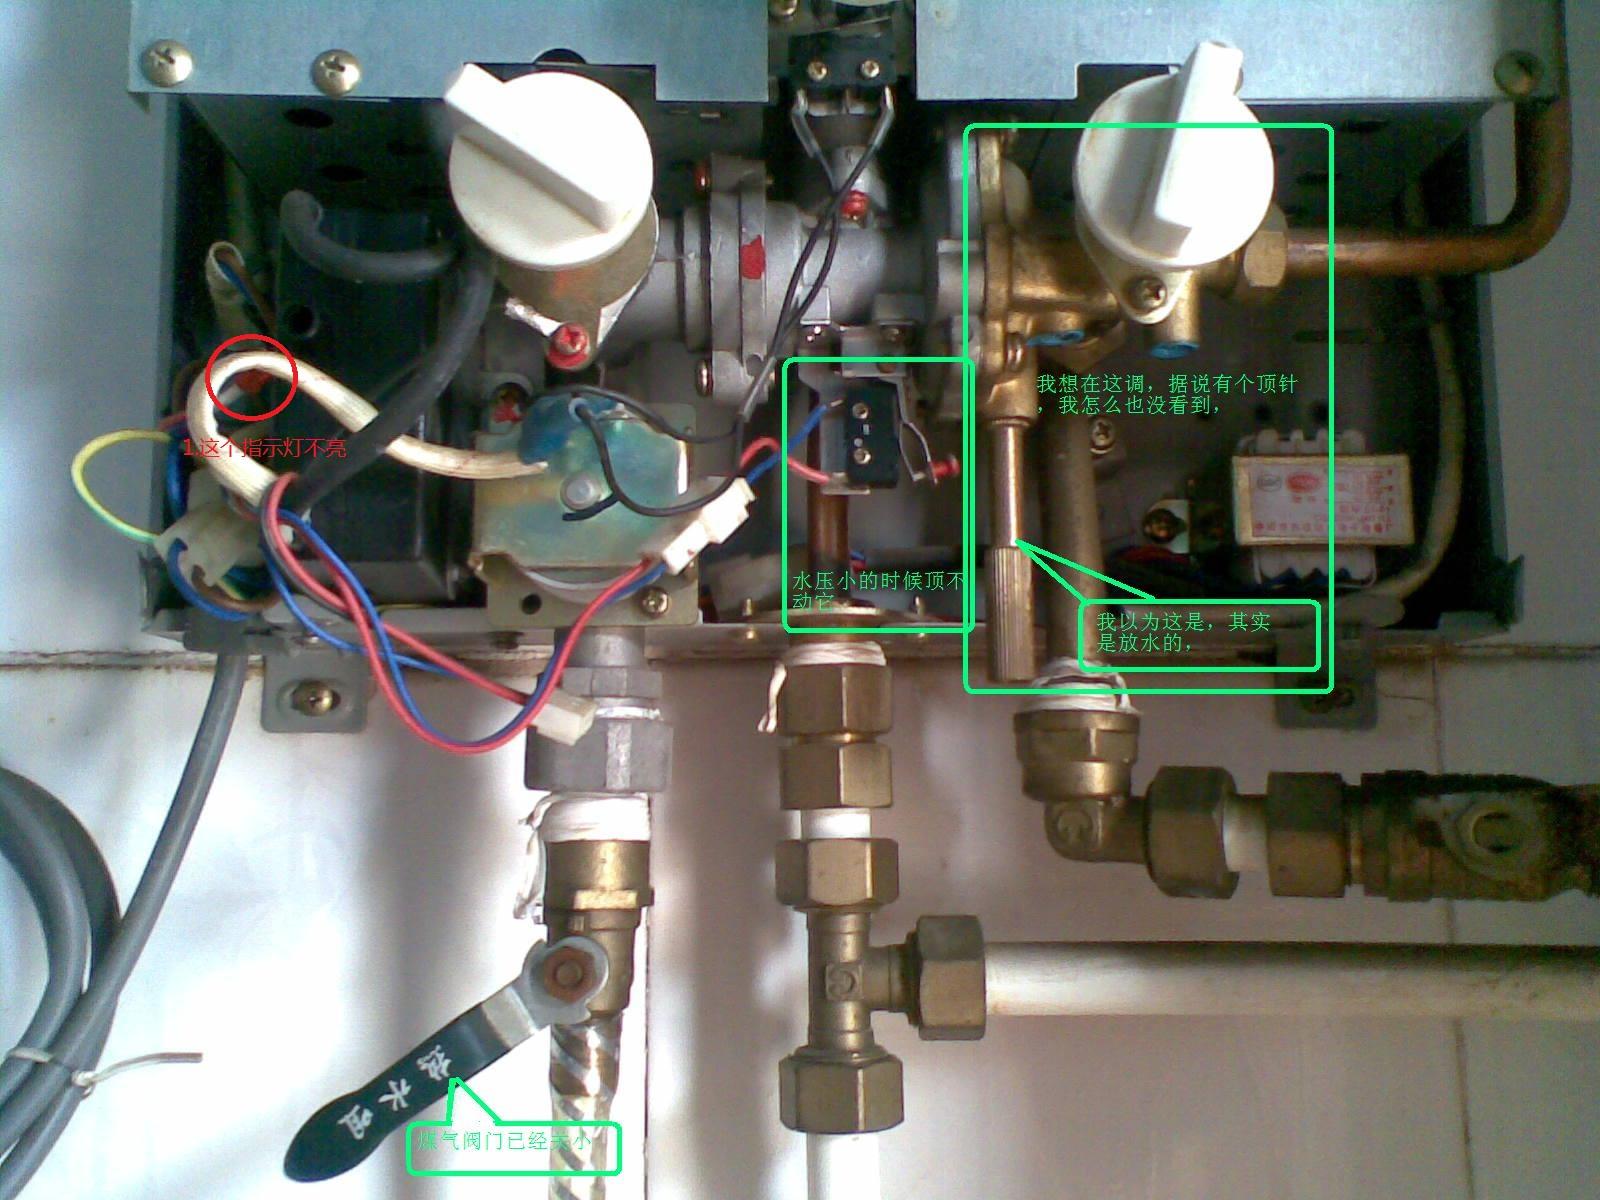 打开热水龙头后火力和热度阀门都调到了最大,还是不出热水.图片